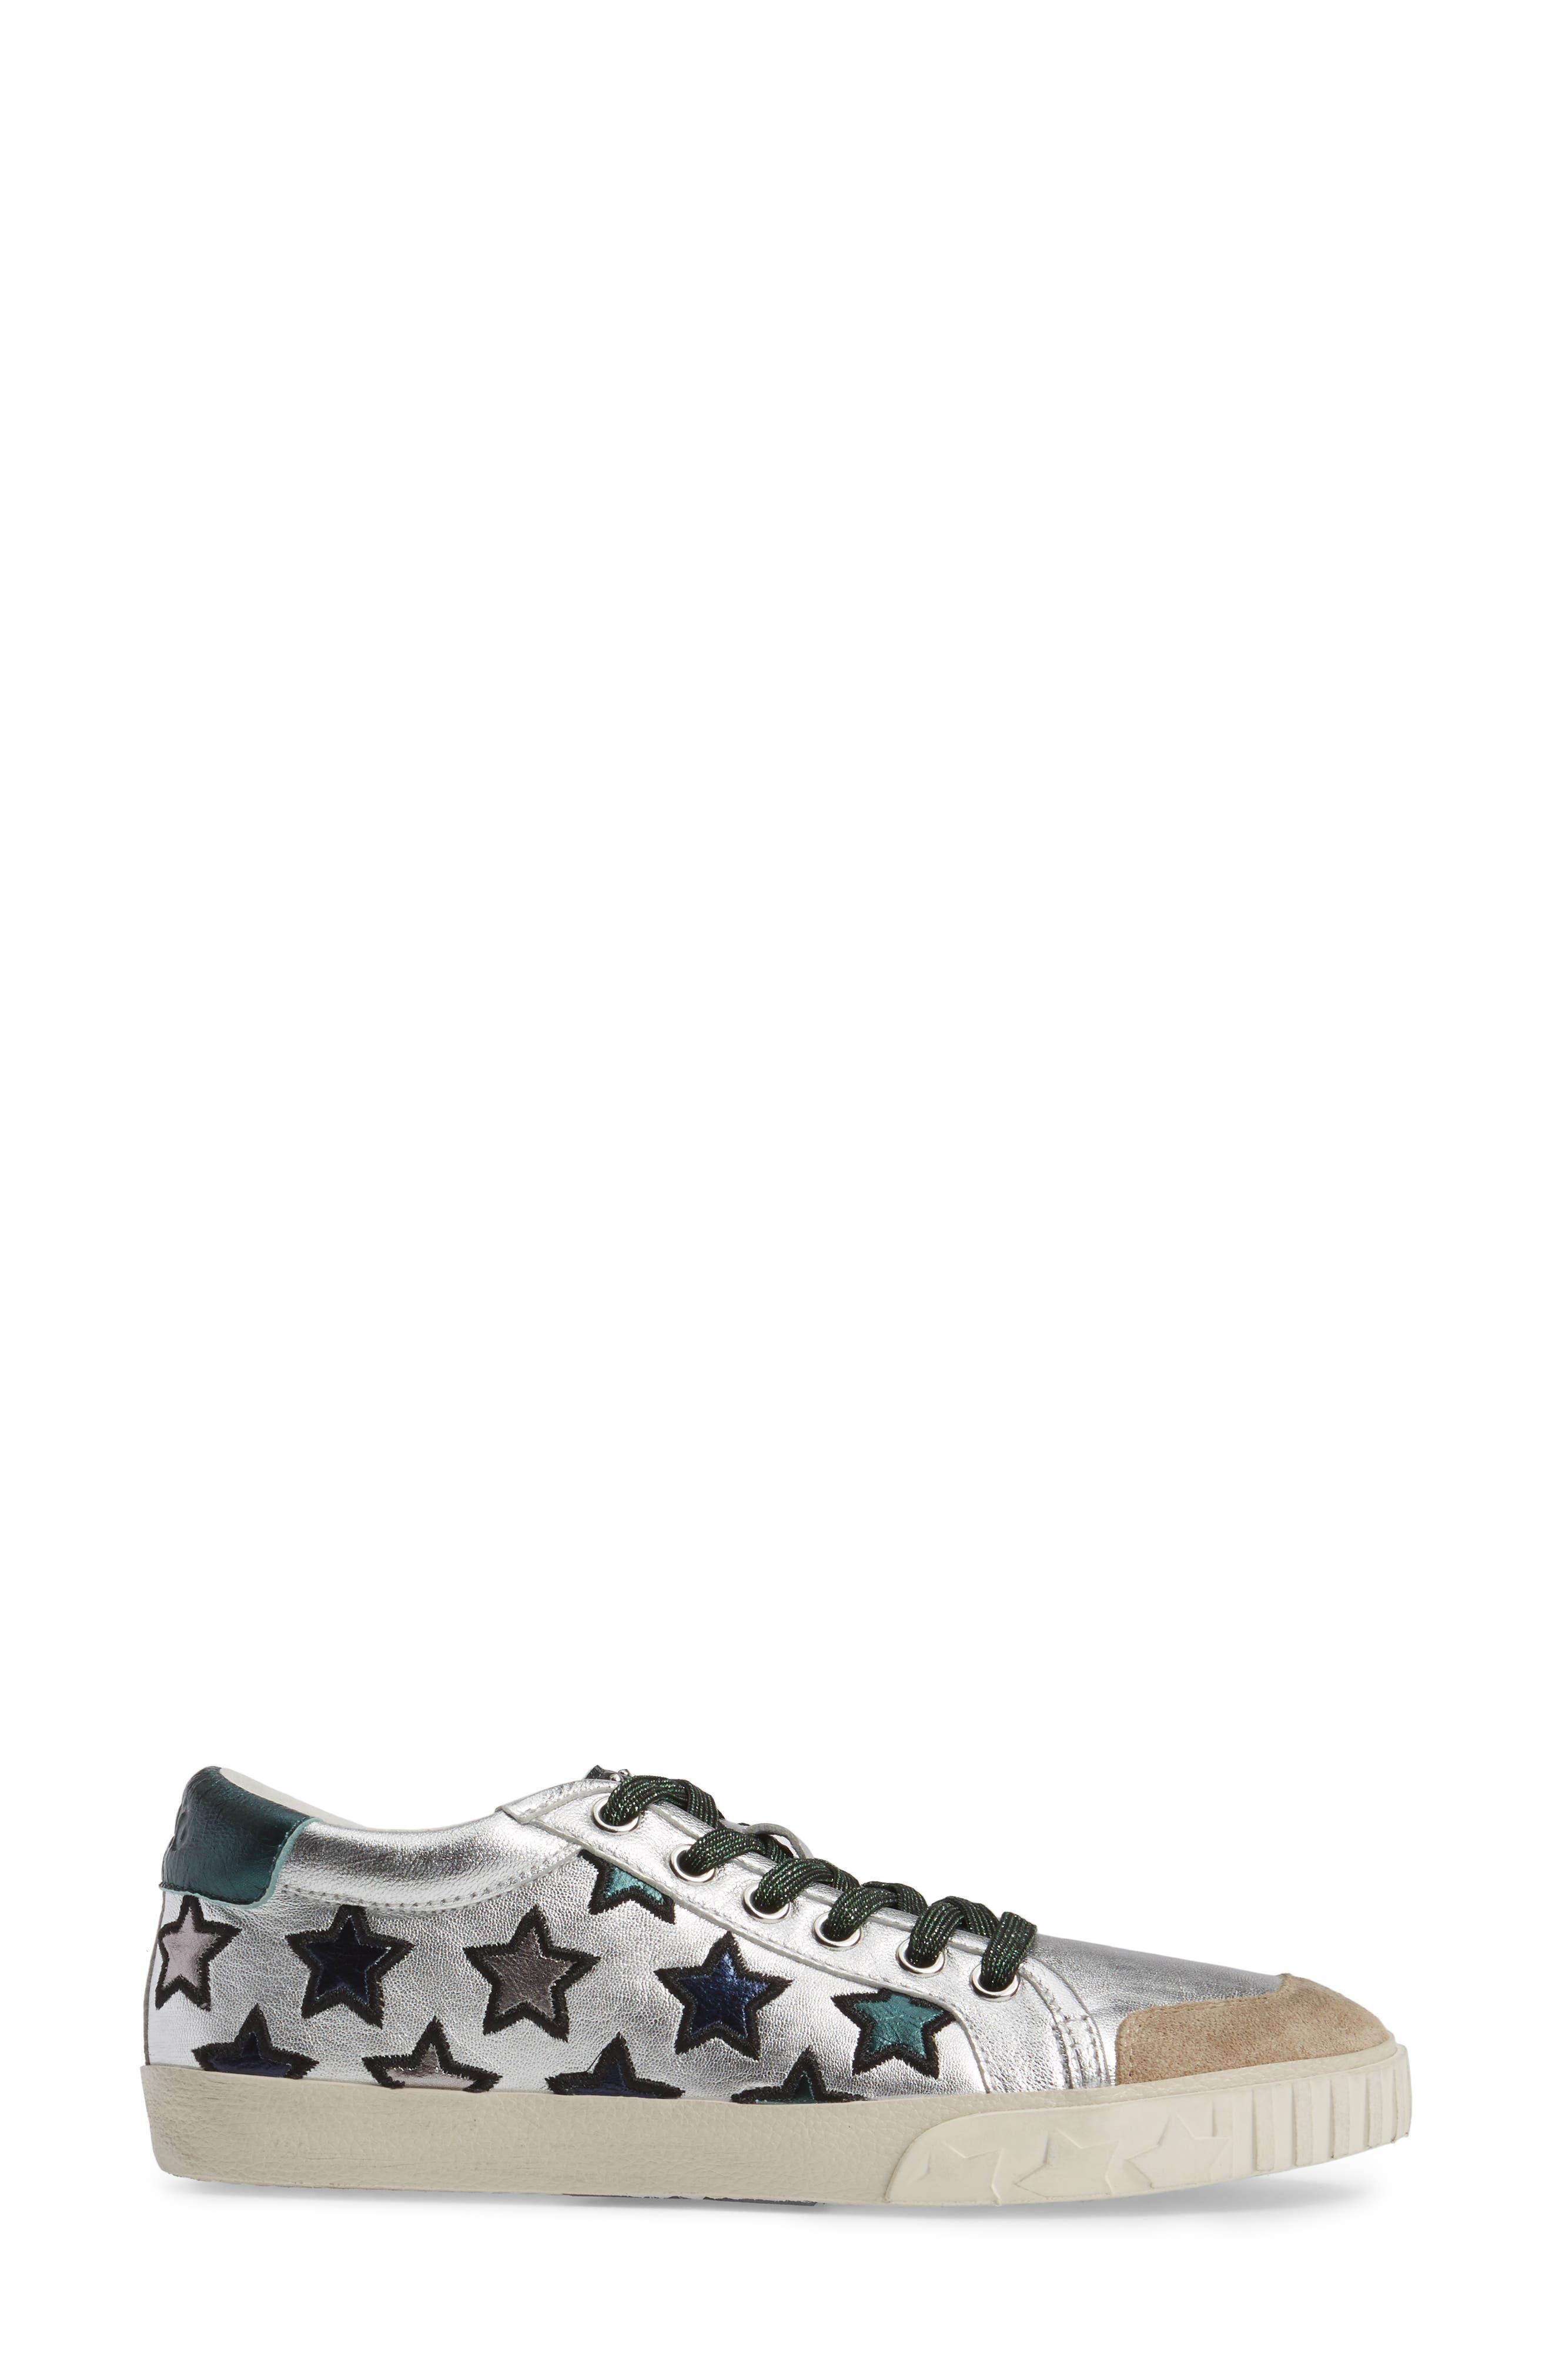 Alternate Image 3  - Ash Majestic Sneaker (Women)